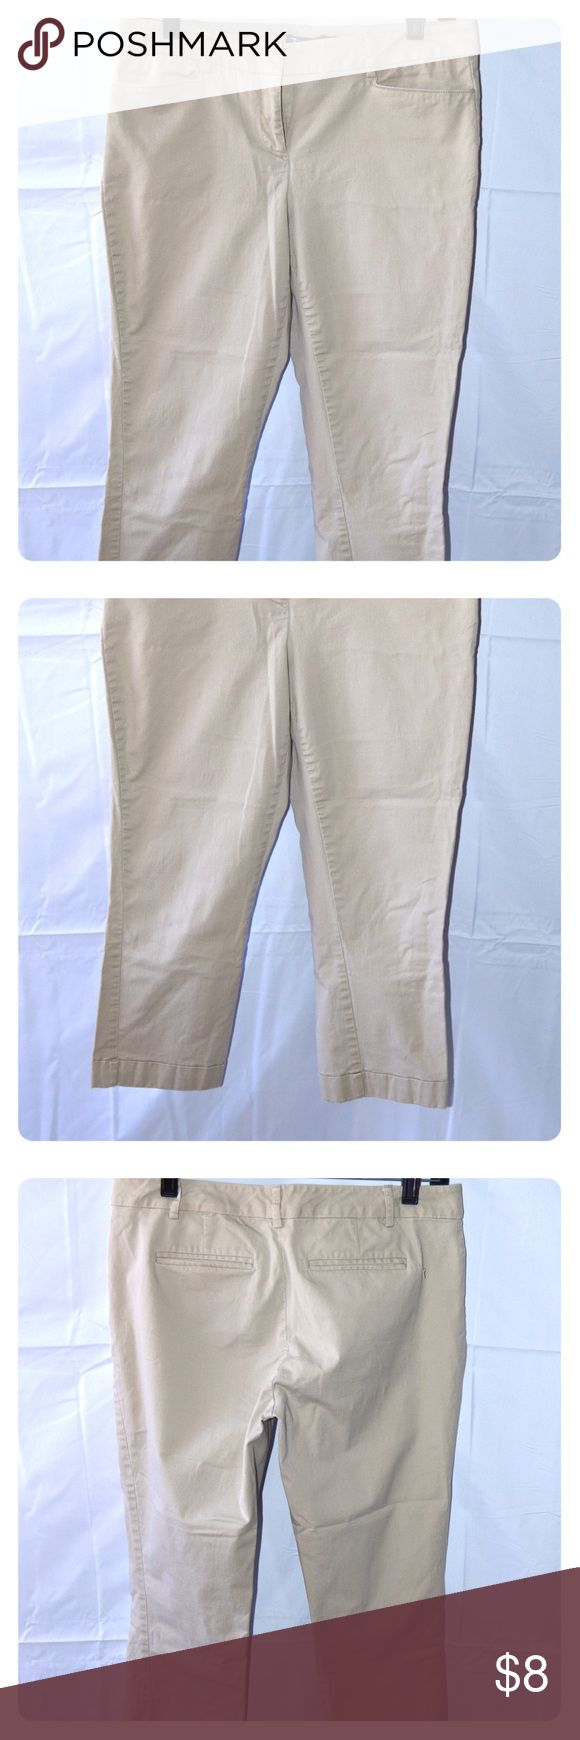 New York & Company Khaki Capri's New York & Company khaki capris. Size 6. 98% Cotton 2% Spandex New York & Company Pants Capris